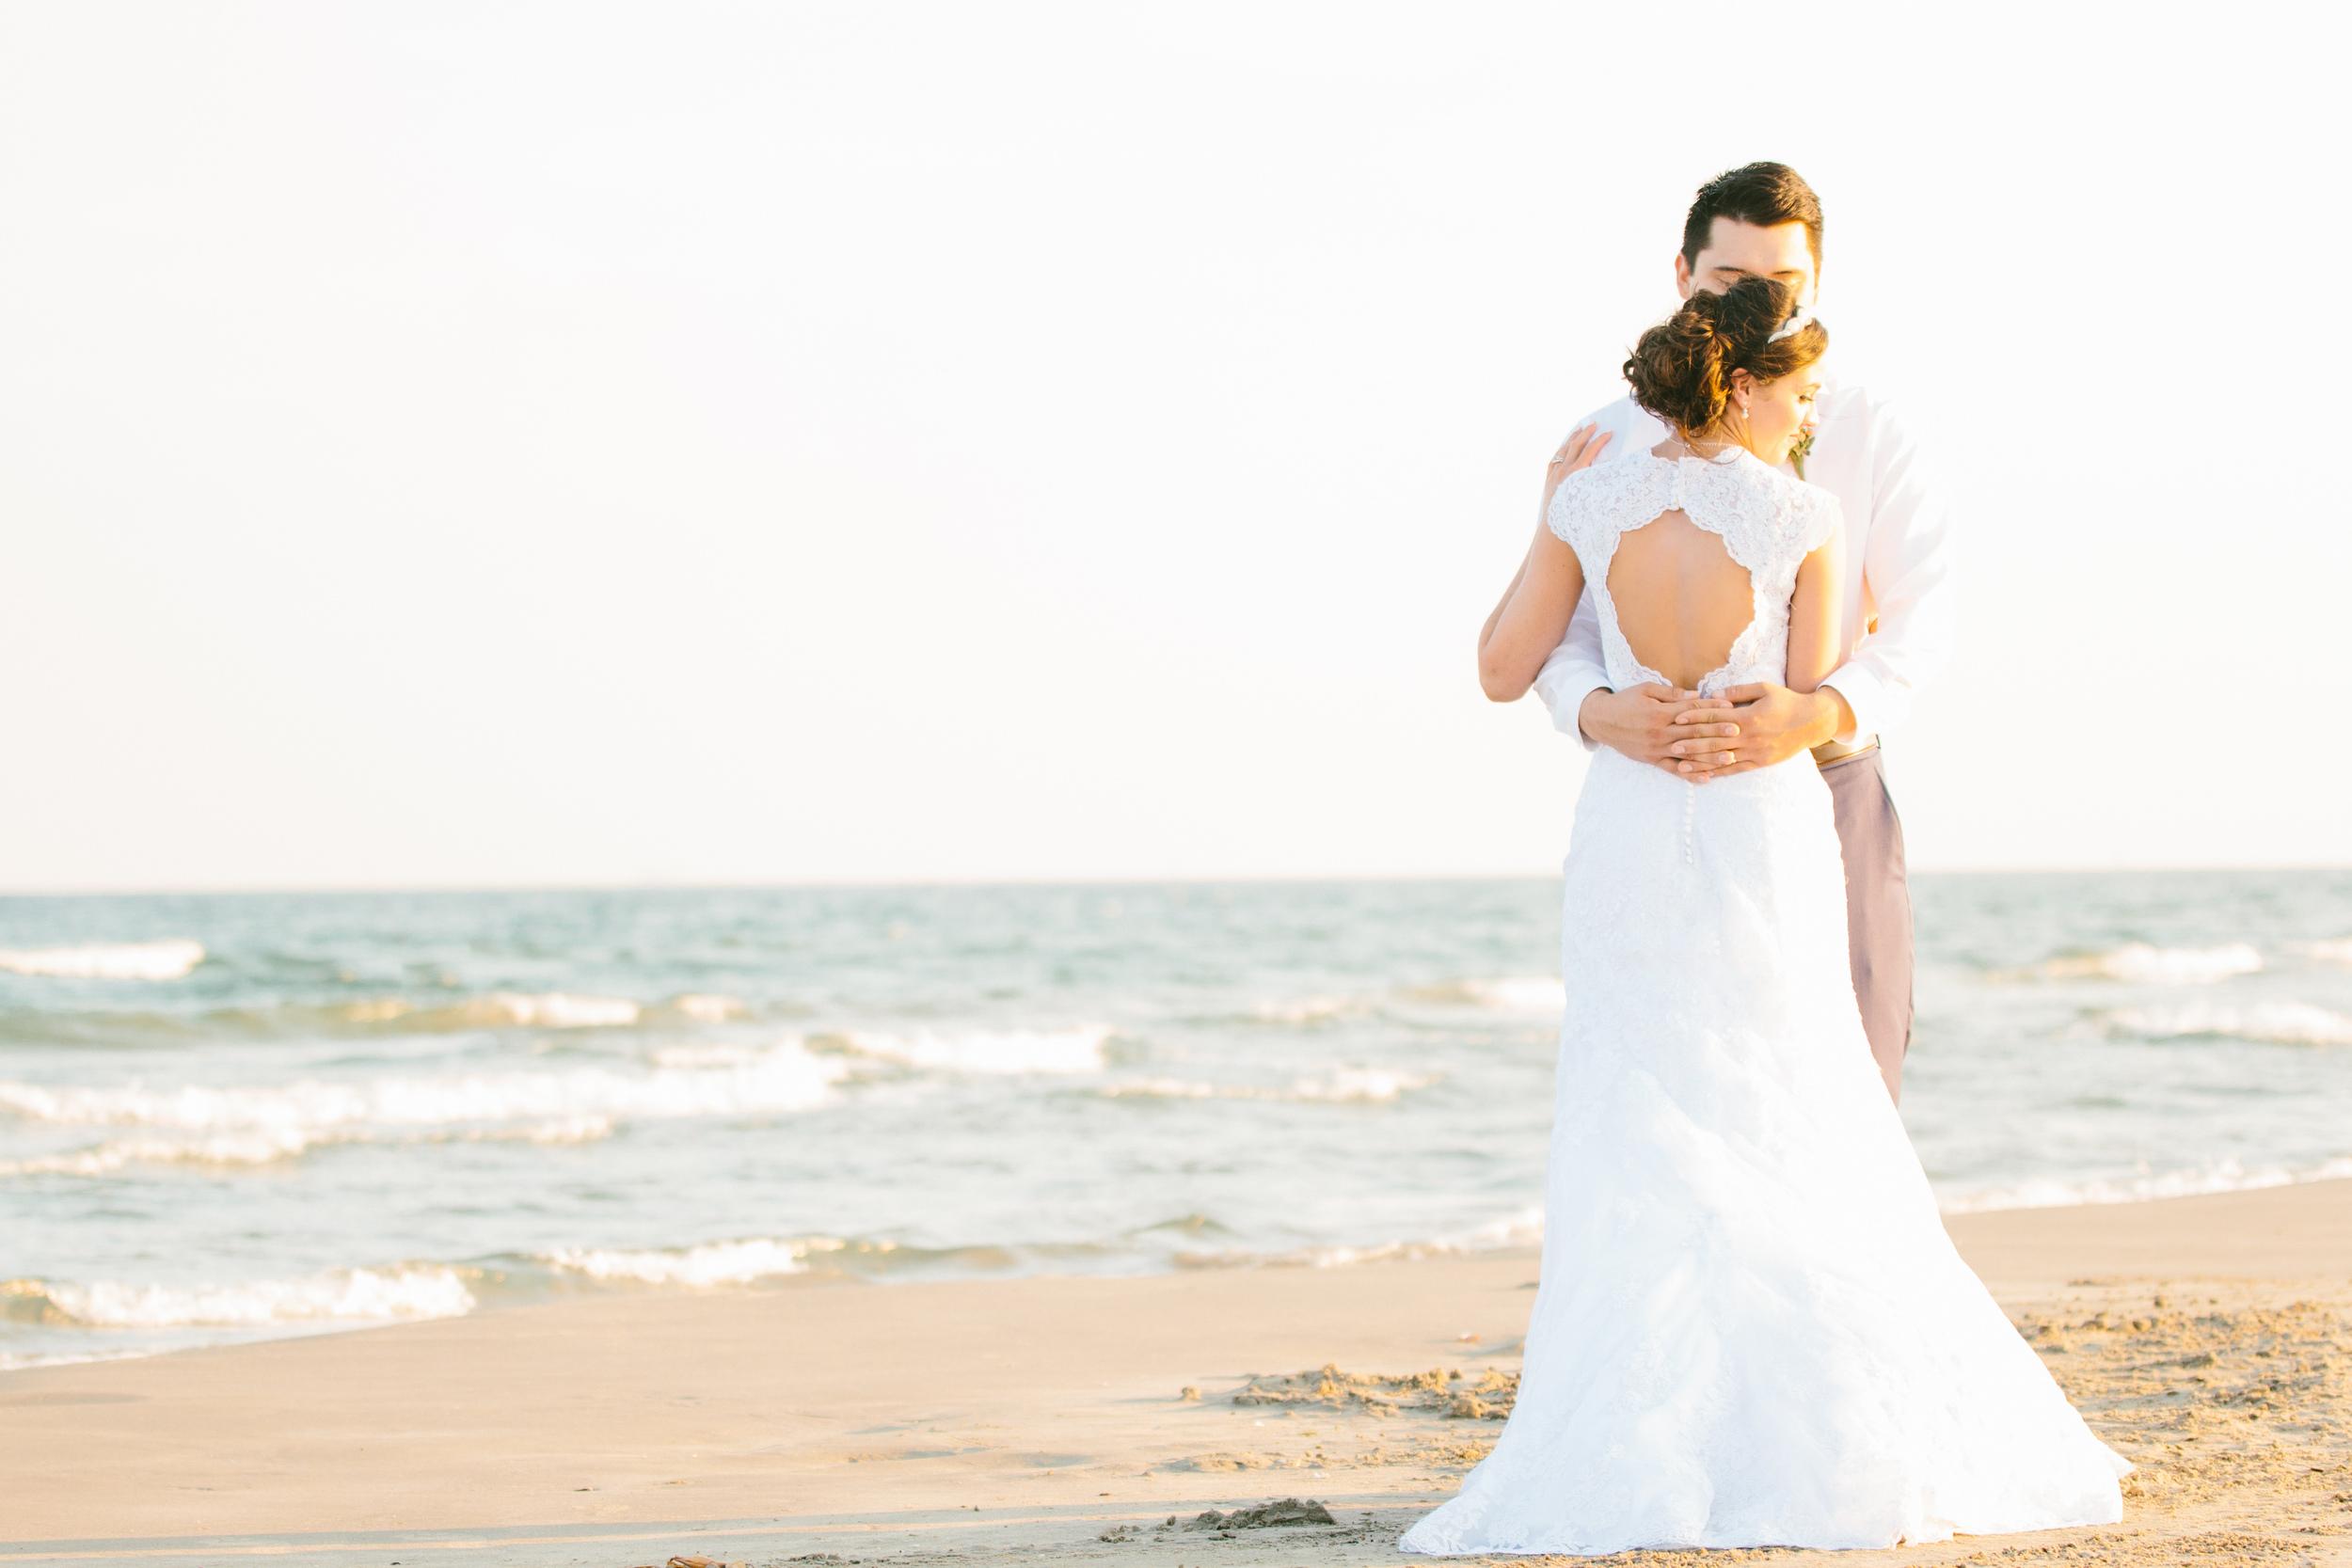 Port Aransas, Texas Beach Wedding - from britt's eye view photography